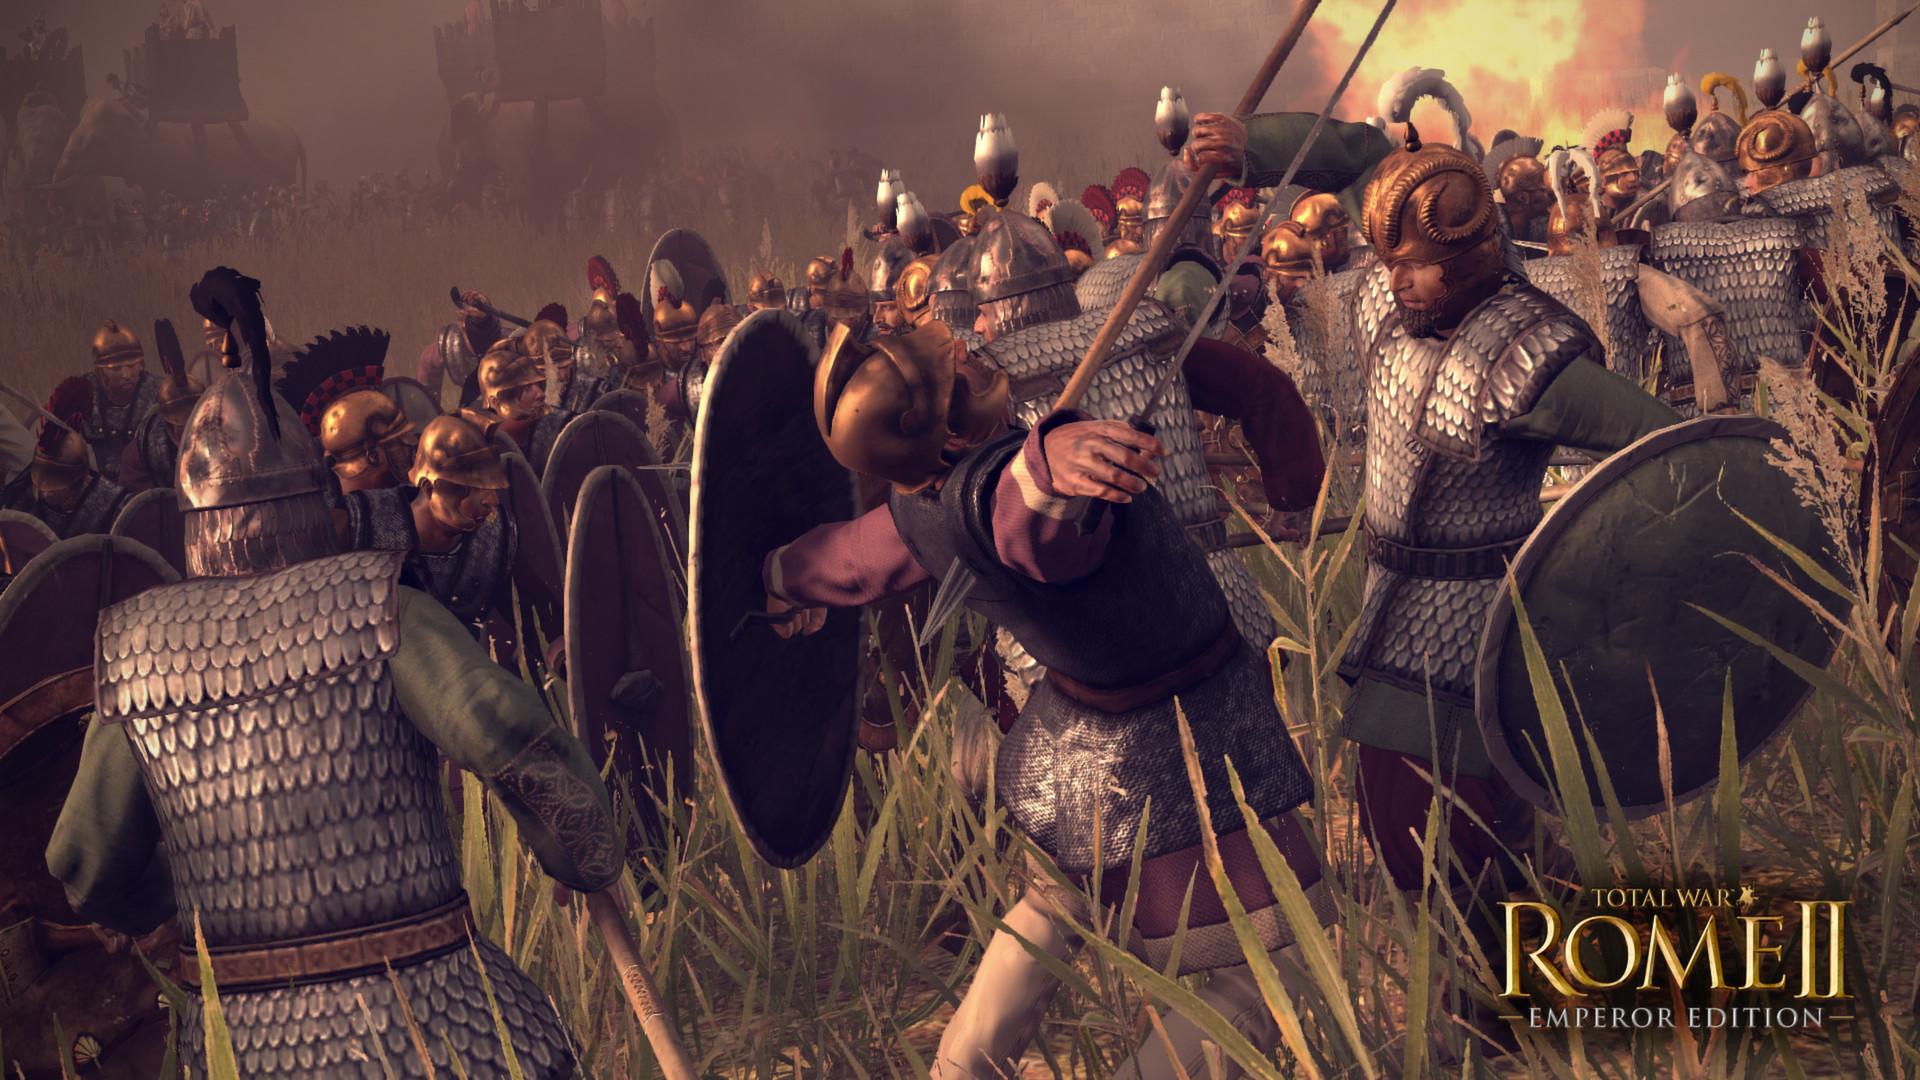 罗马2:全面战争帝皇版插图